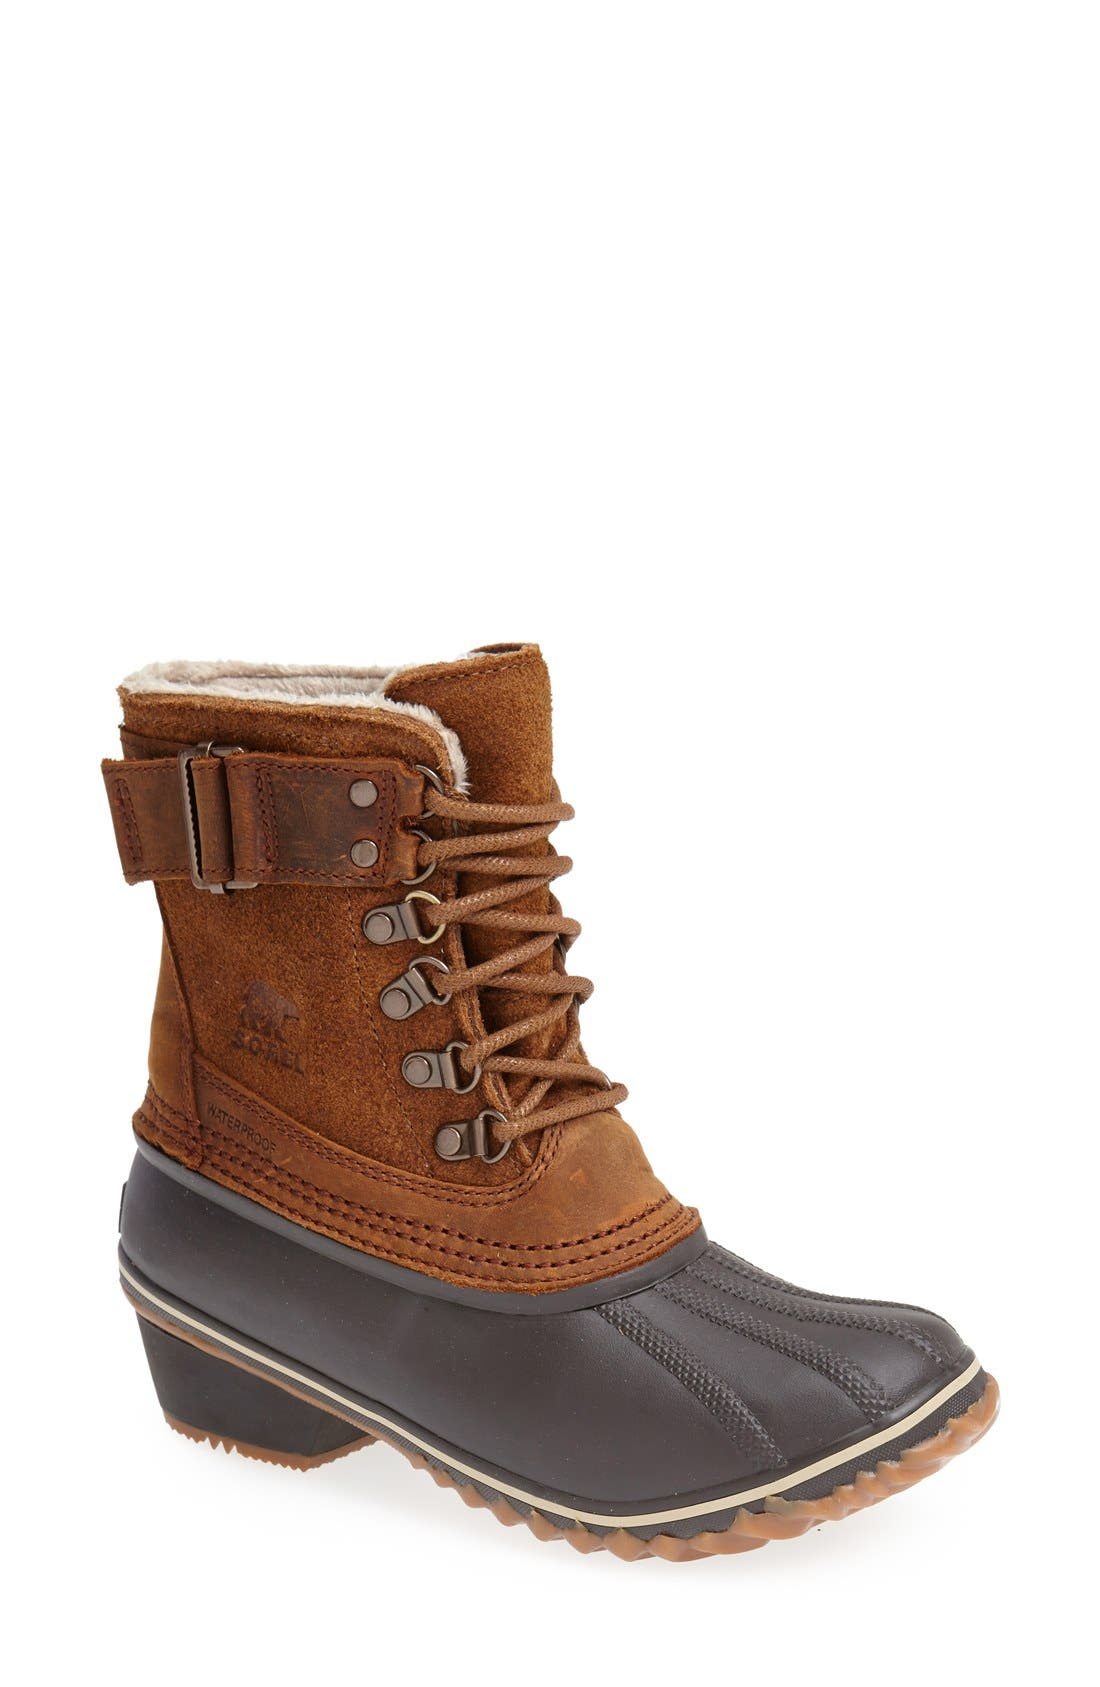 Main Image - SOREL 'Winter Fancy II' Waterproof Lace-Up Boot (Women)